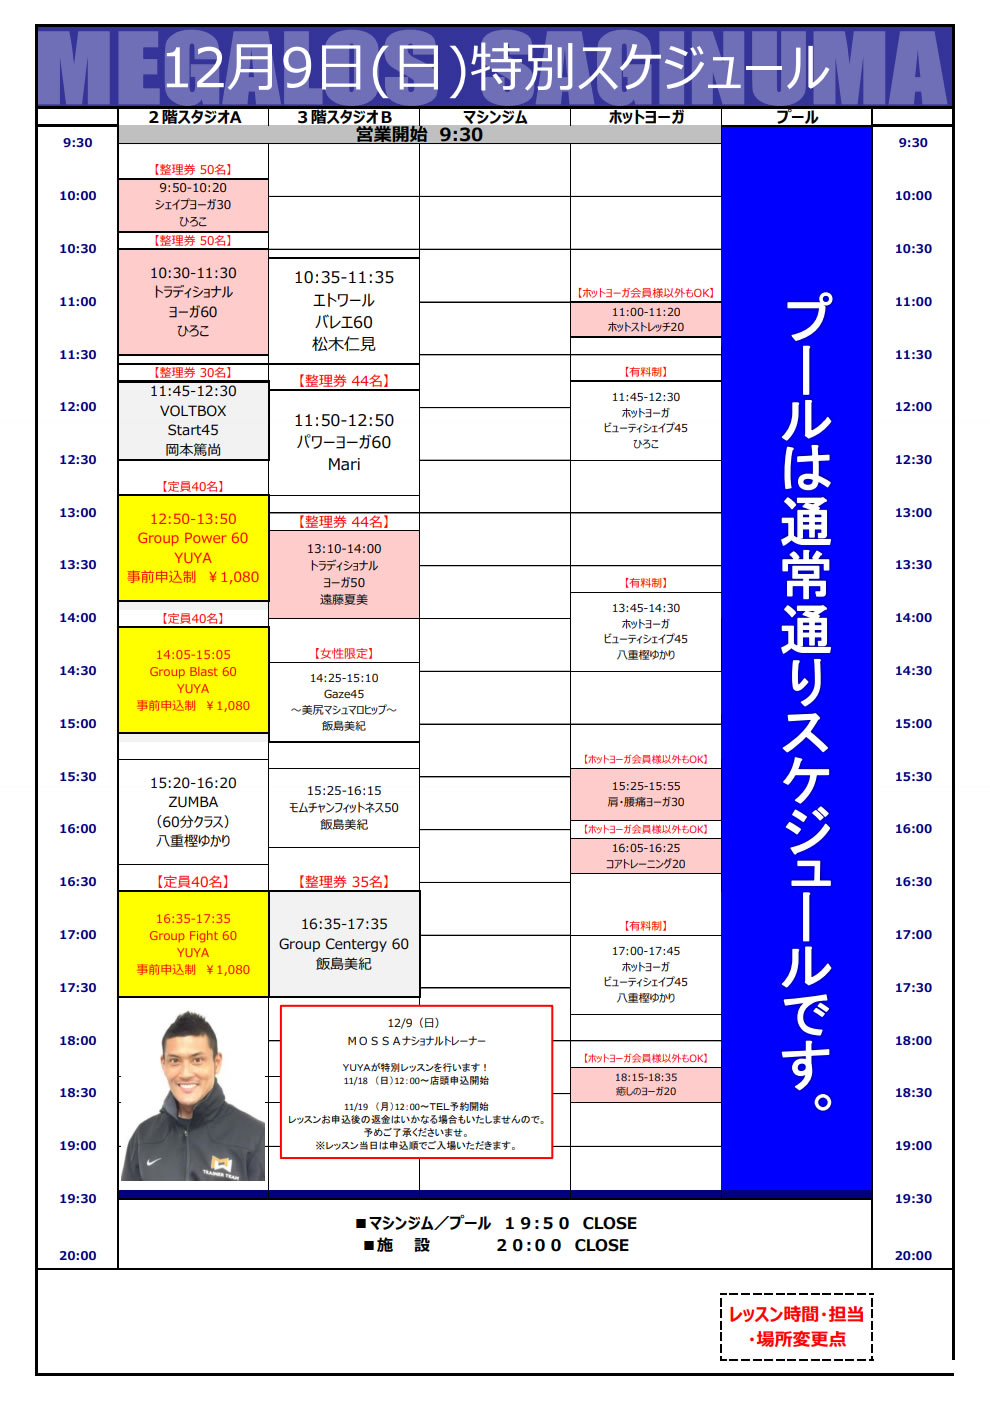 【YUYA】メガロス鷺沼20181209日【GP・GB・GF】神奈川